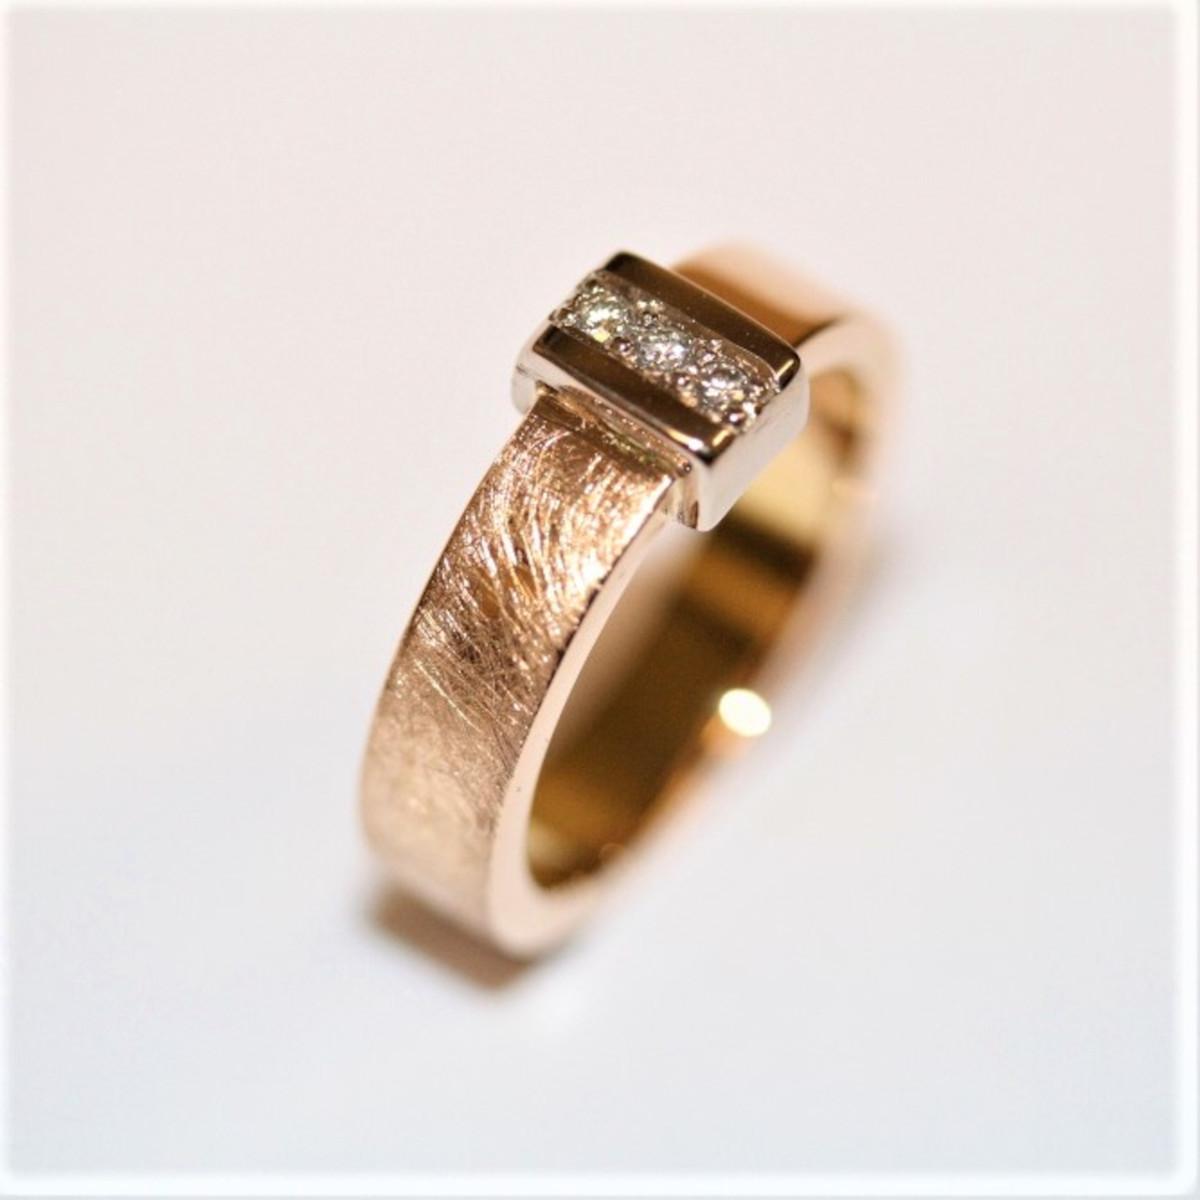 Diamantring, rödguldsring, guldring